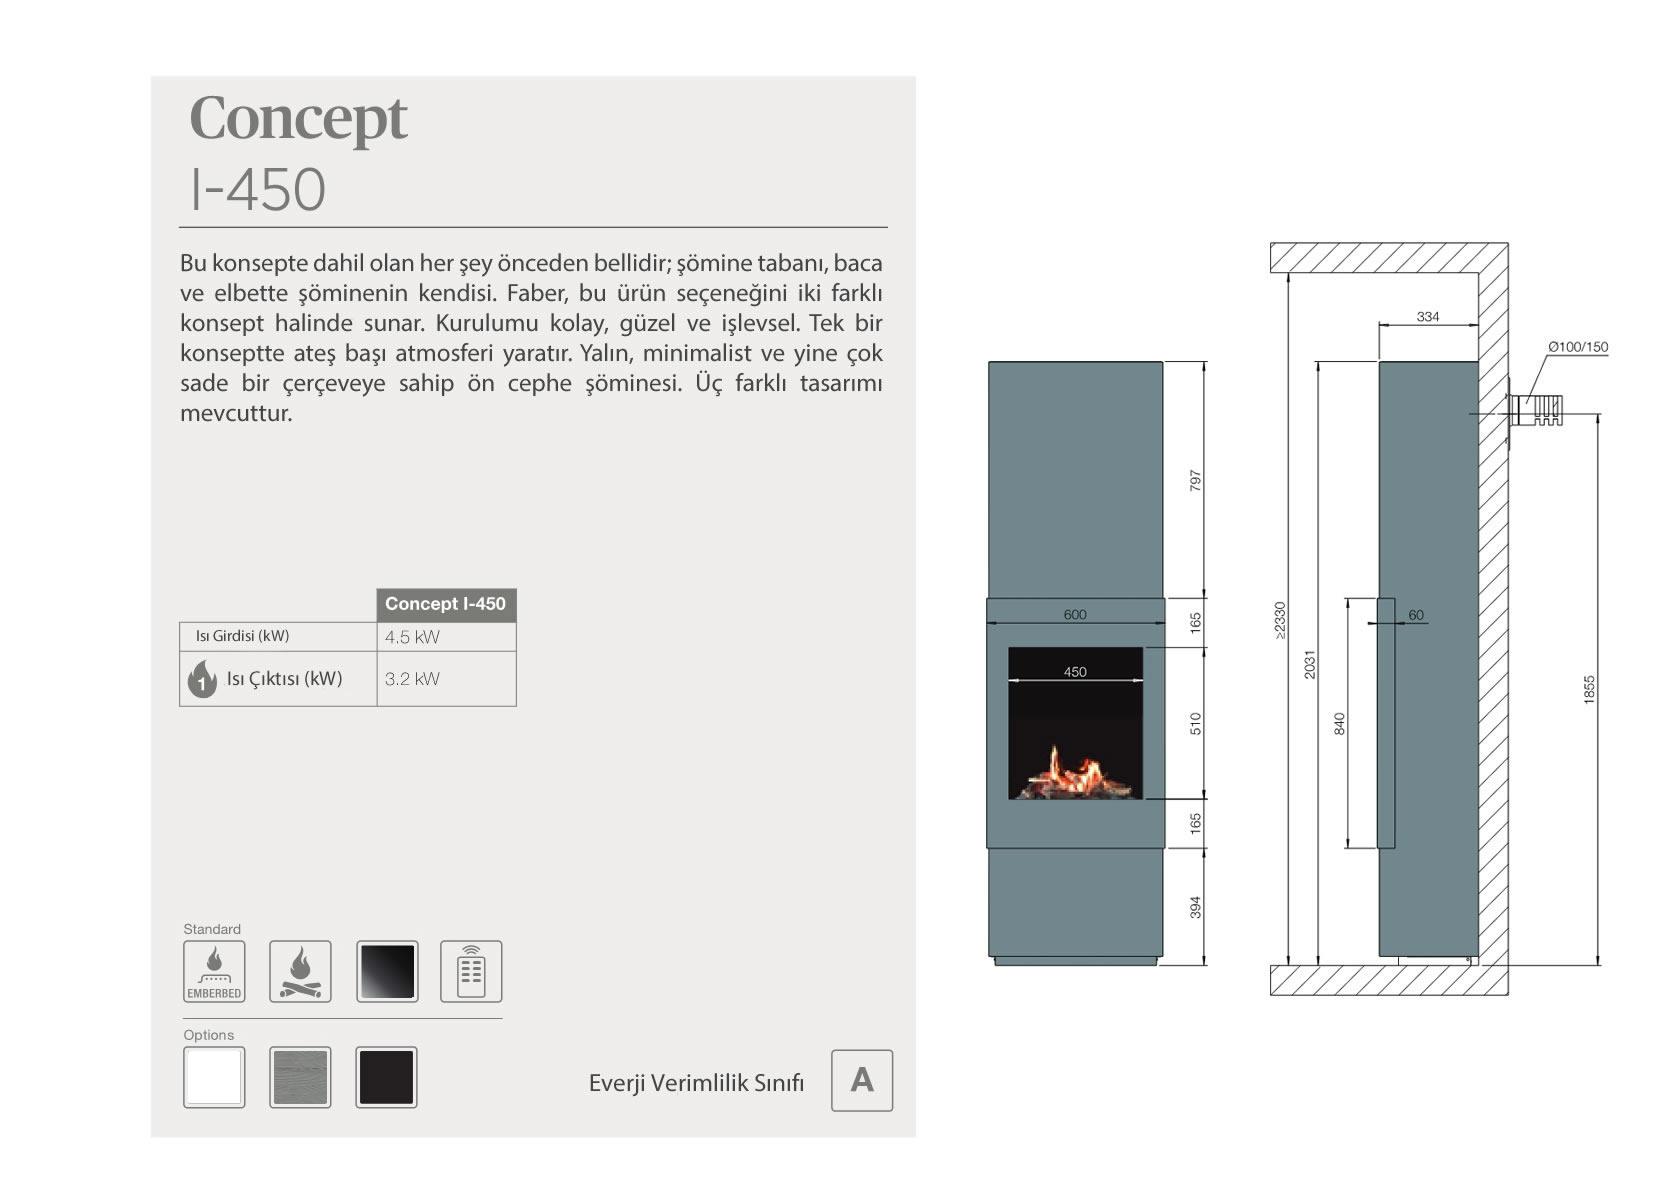 Faber Doğalgazlı Şömineler - Concept I-450